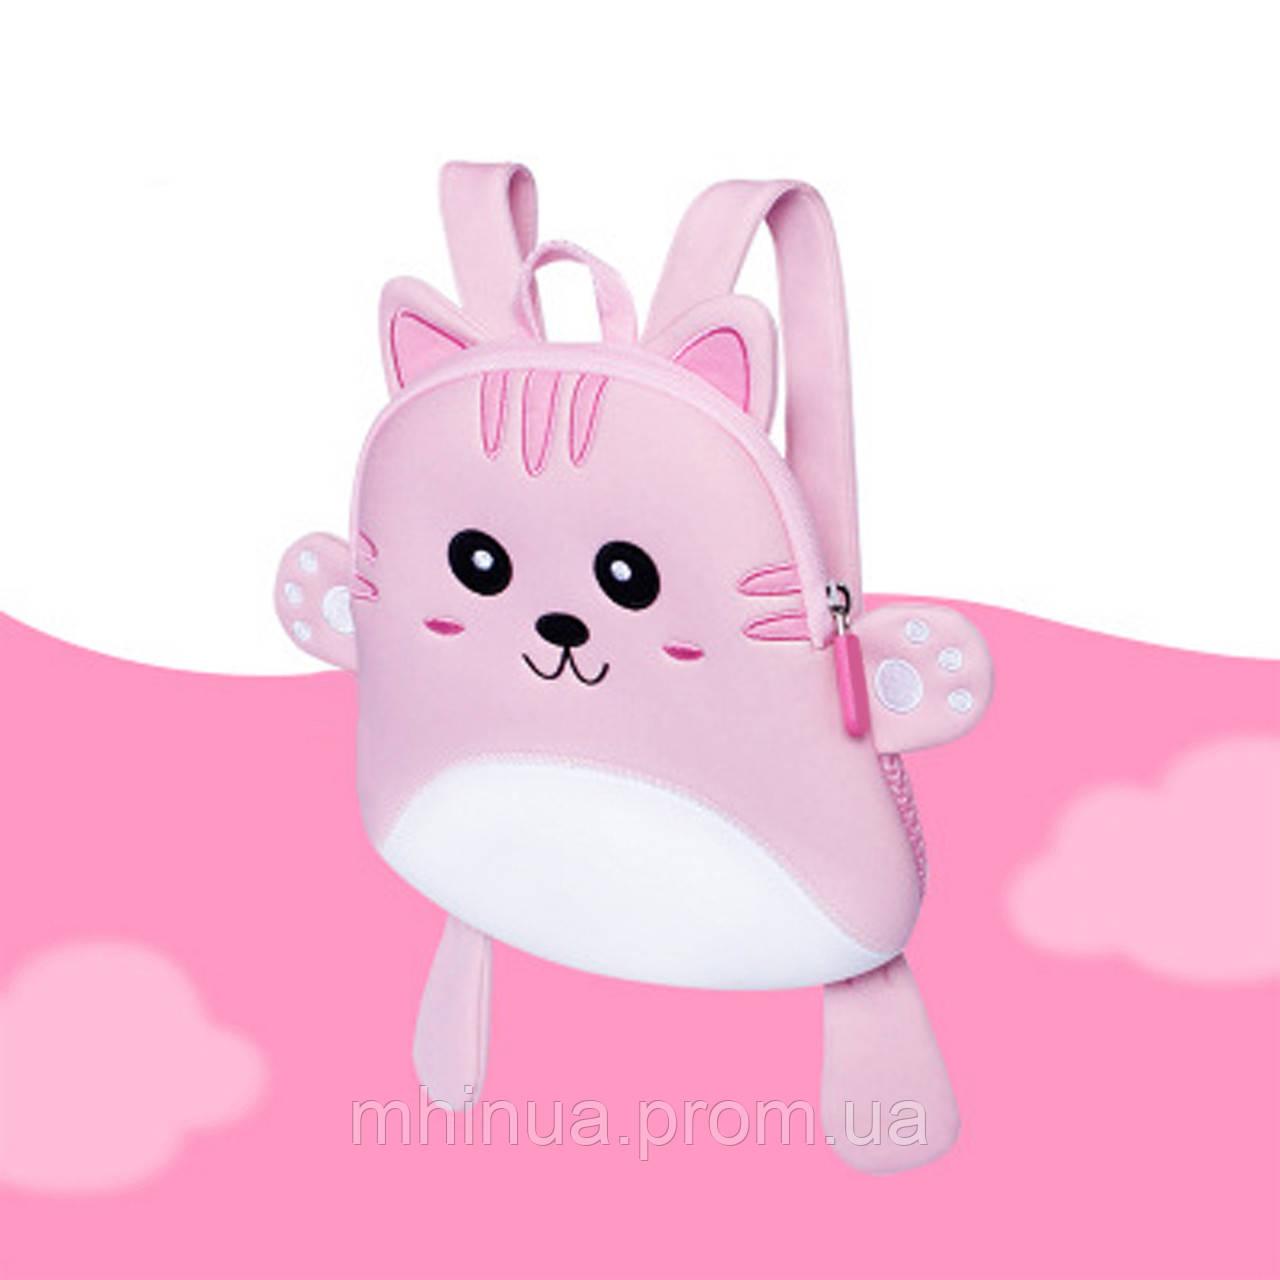 Дитячий рюкзак Nohoo Кішечка Рожева (NH055 Pink)